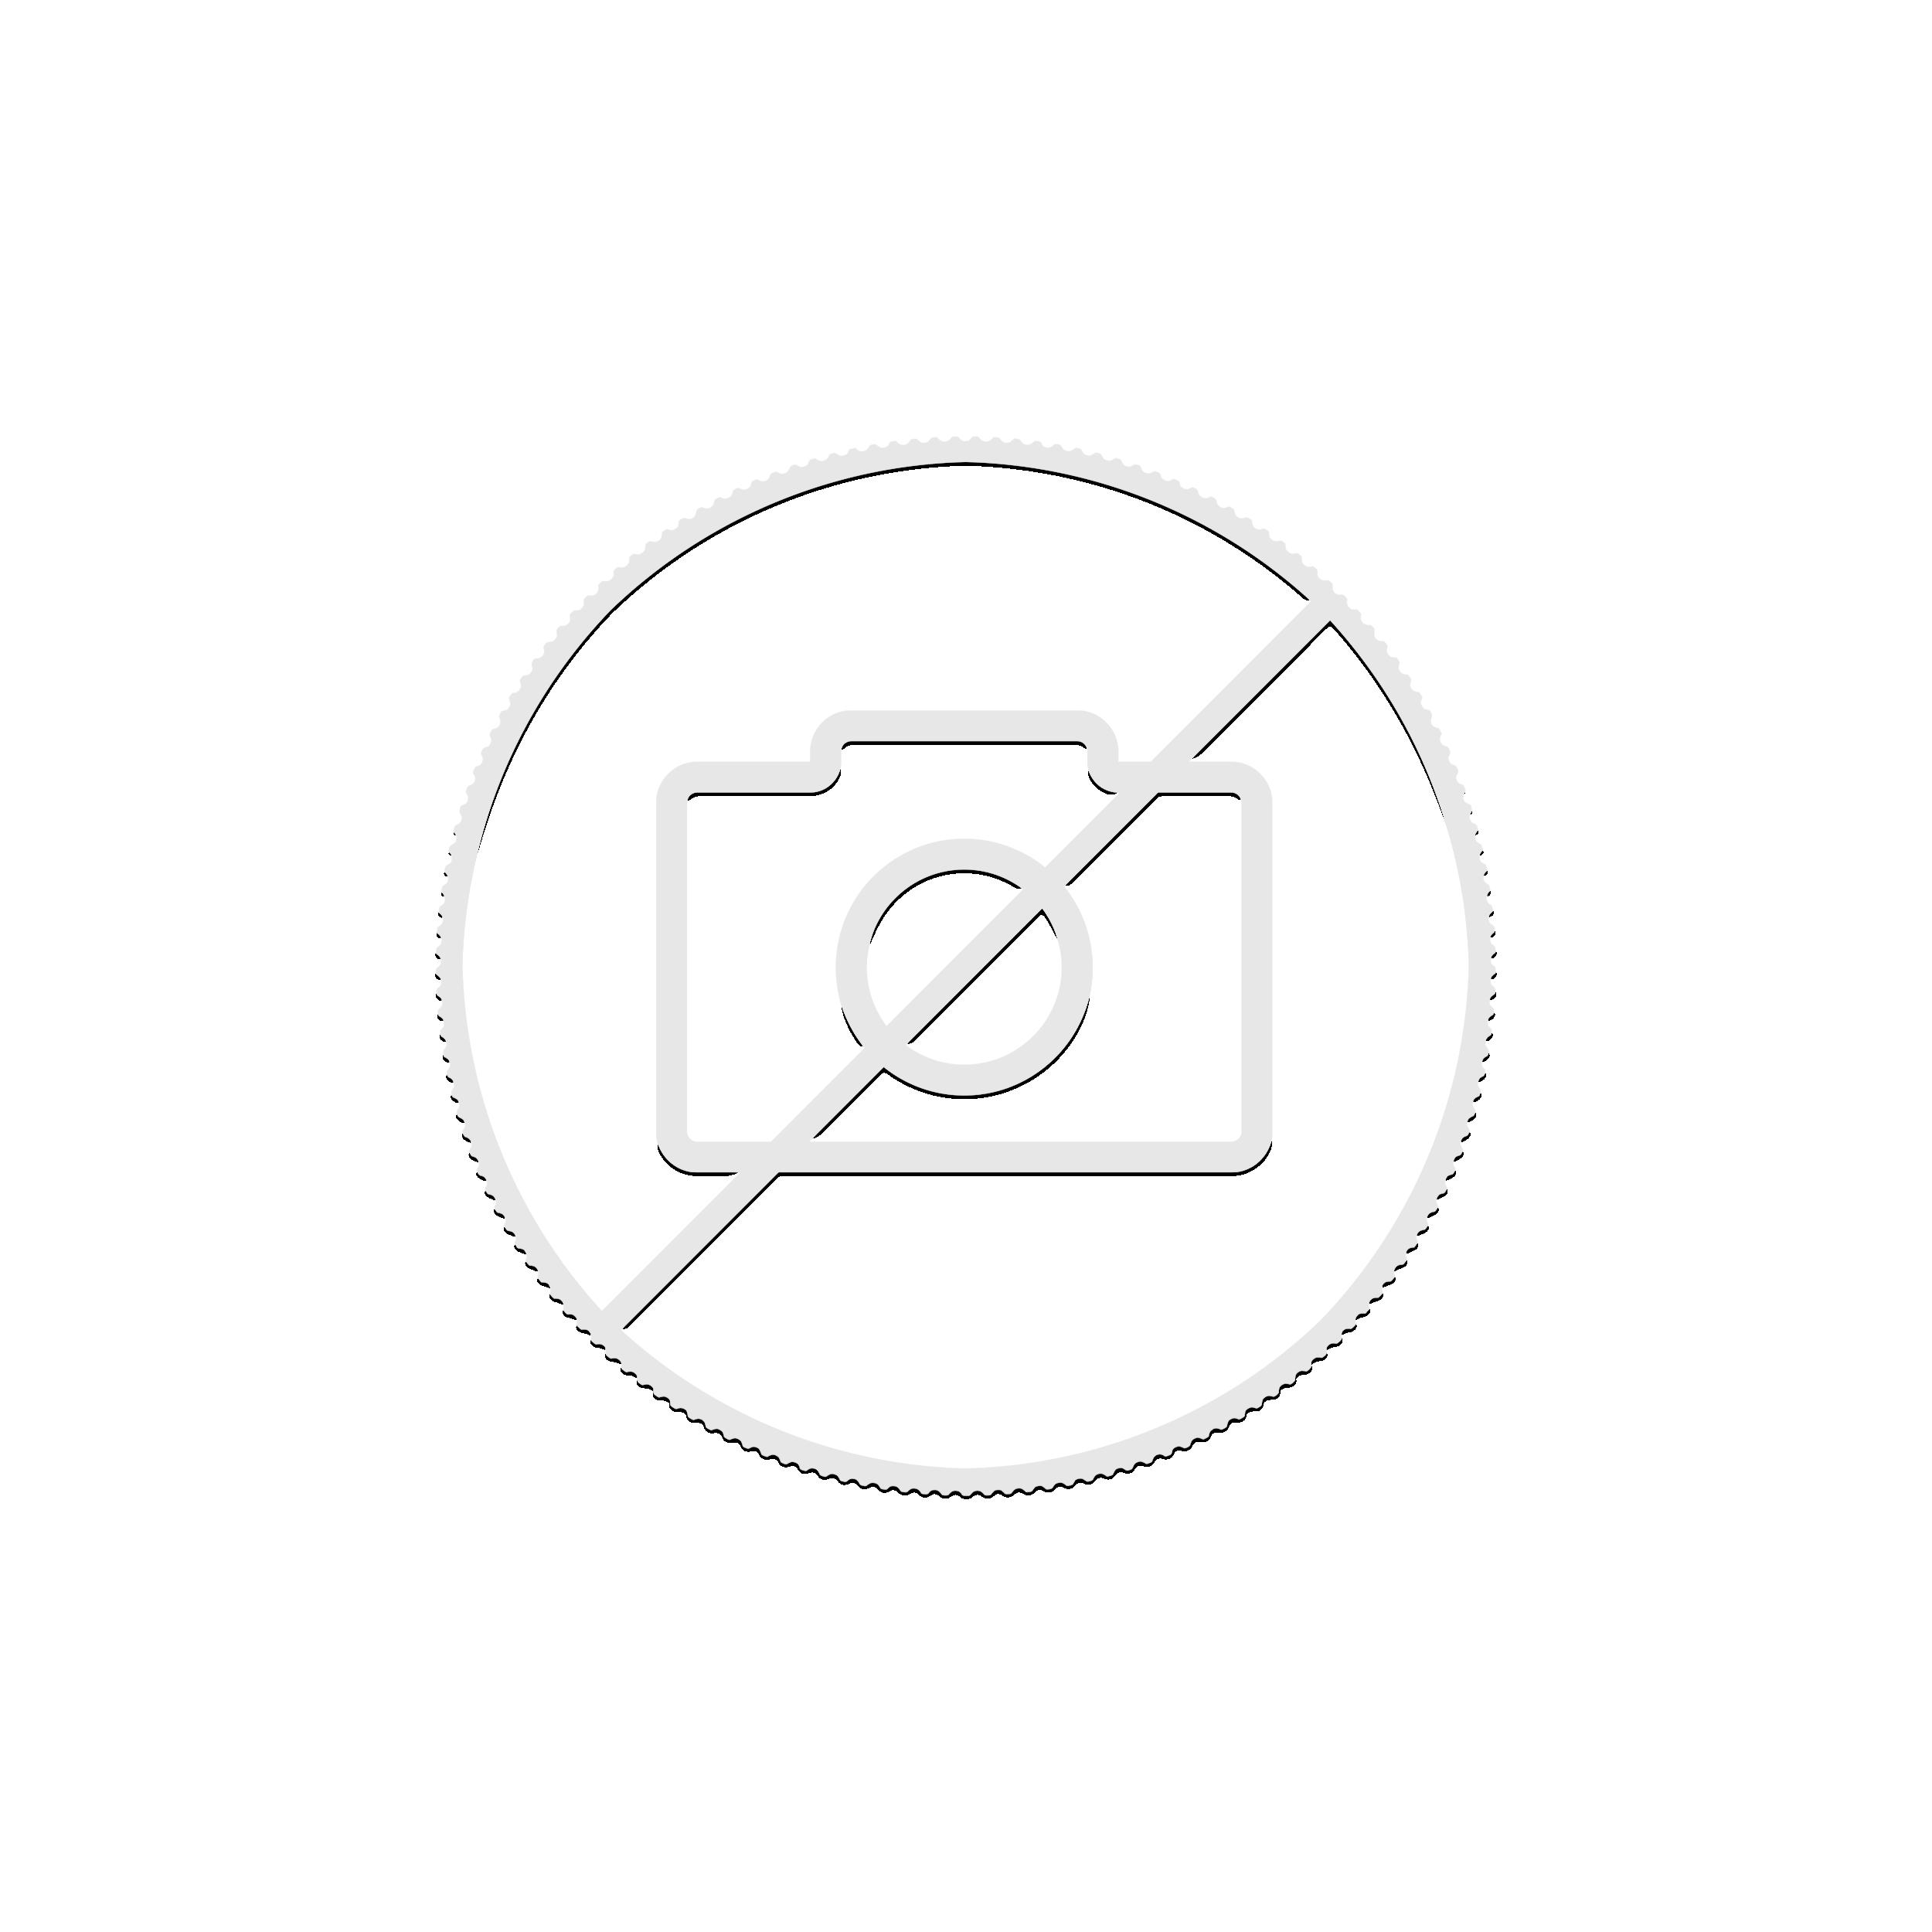 1 troy ounce silver coin Krugerrand 2019